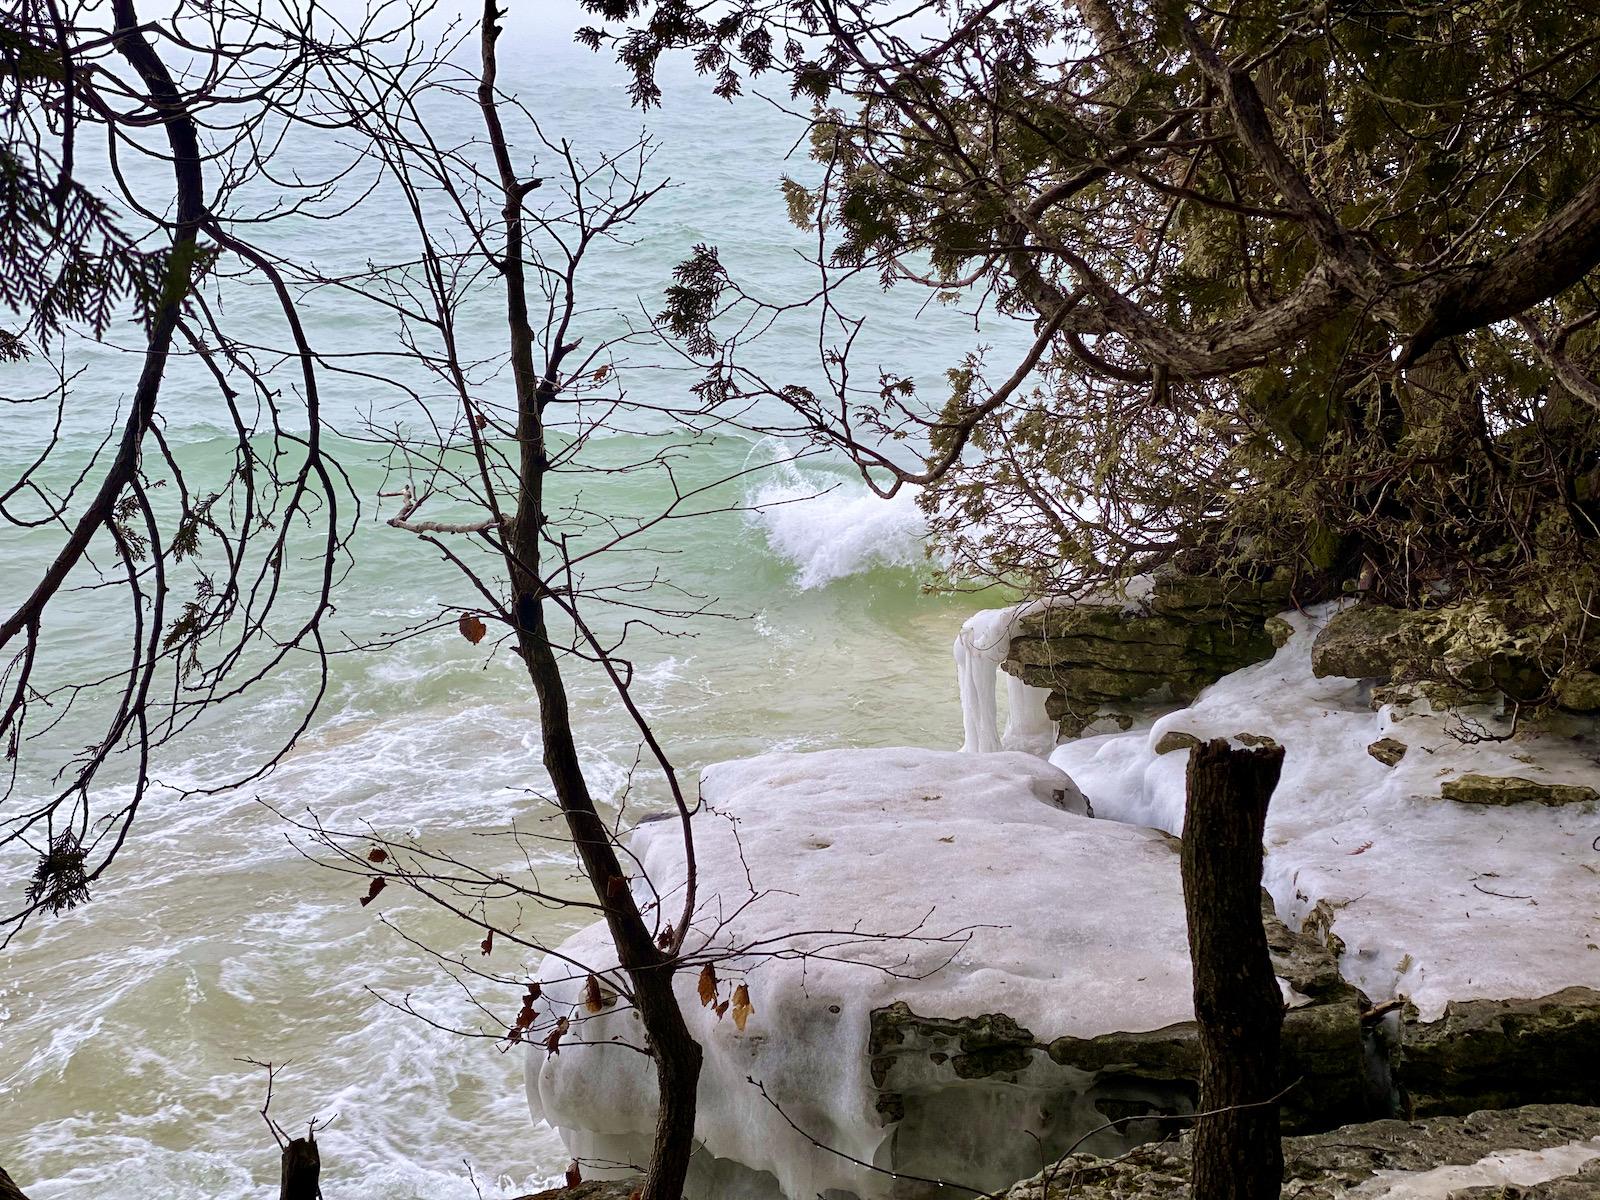 Lake Michigan through trees